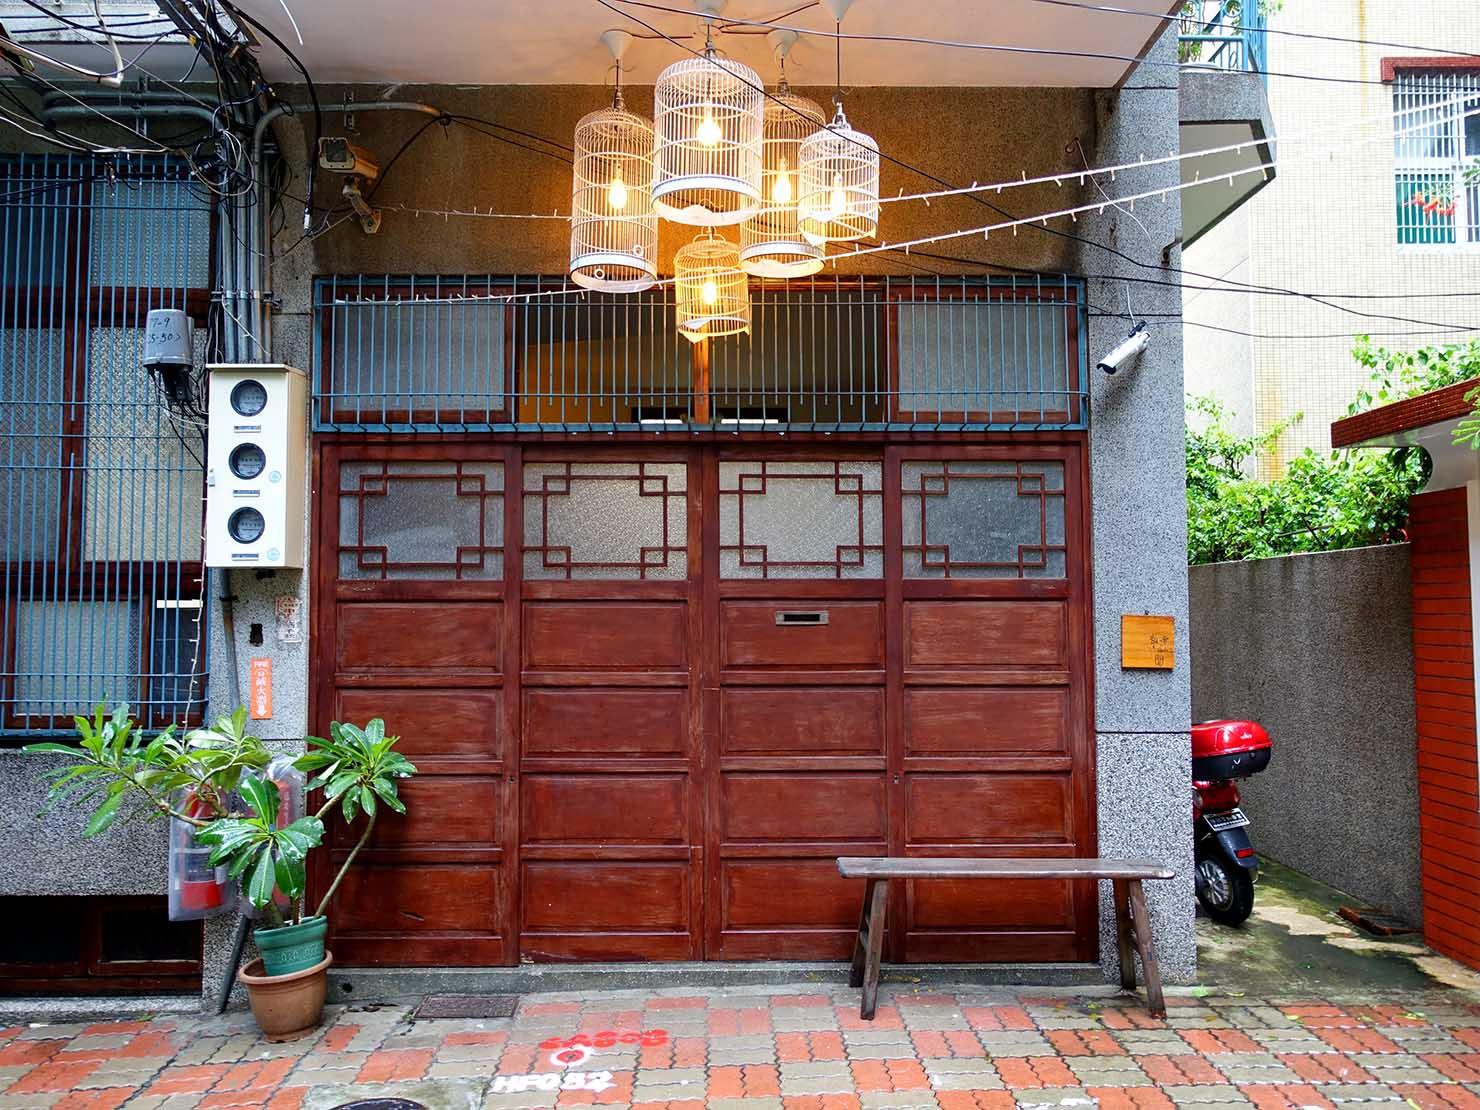 台南観光におすすめな古民家ゲストハウス「散步strolling」のエントランス